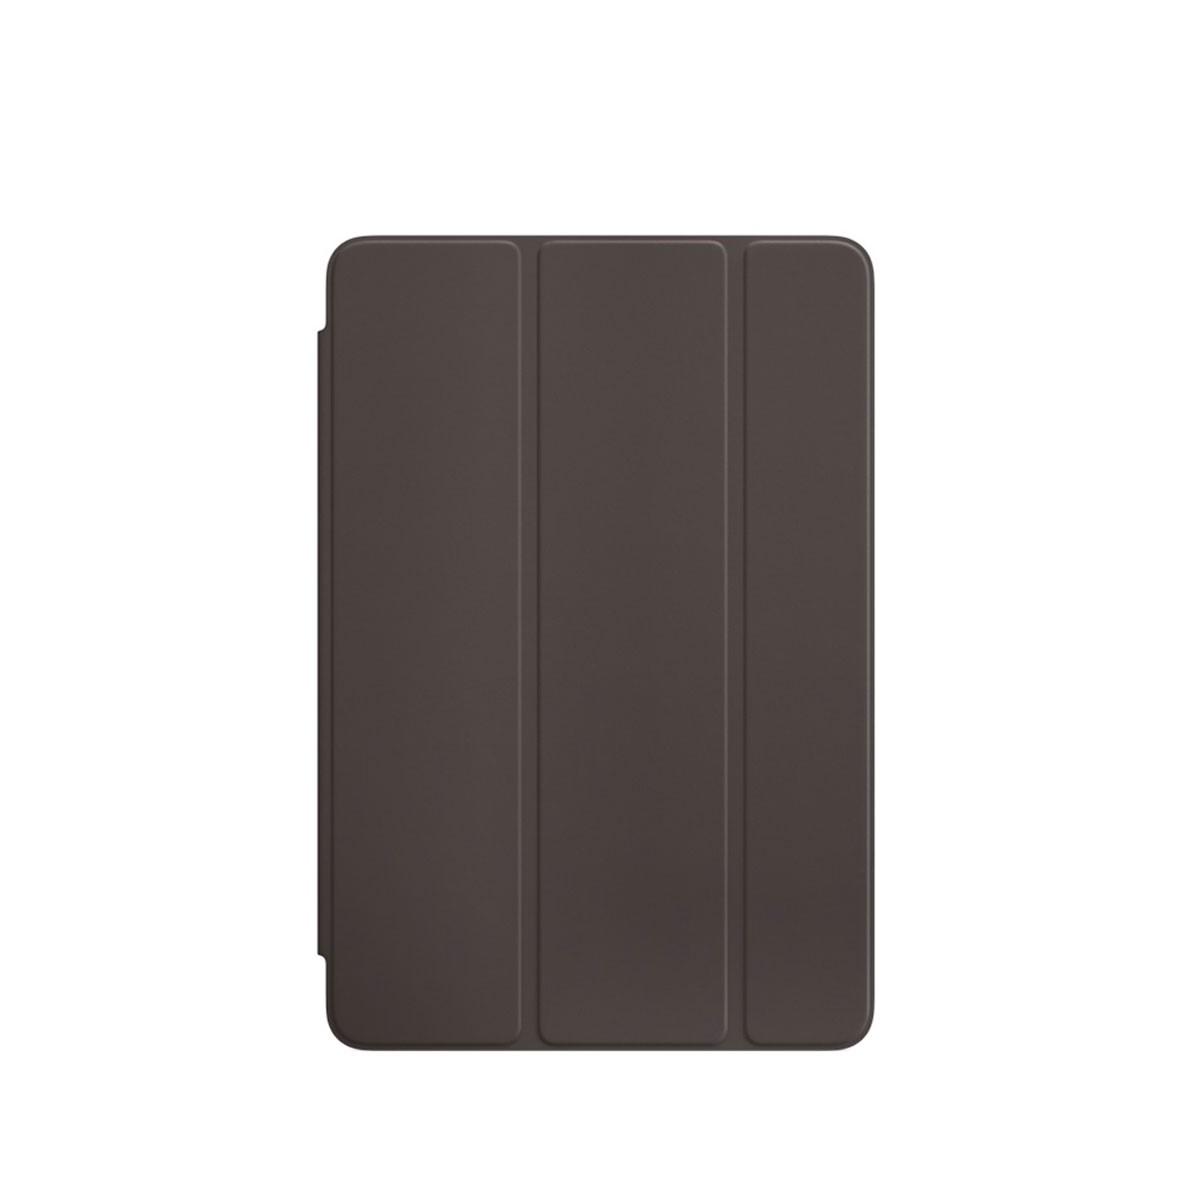 Apple iPad mini 4 Smart Cover - kakaově hnědý